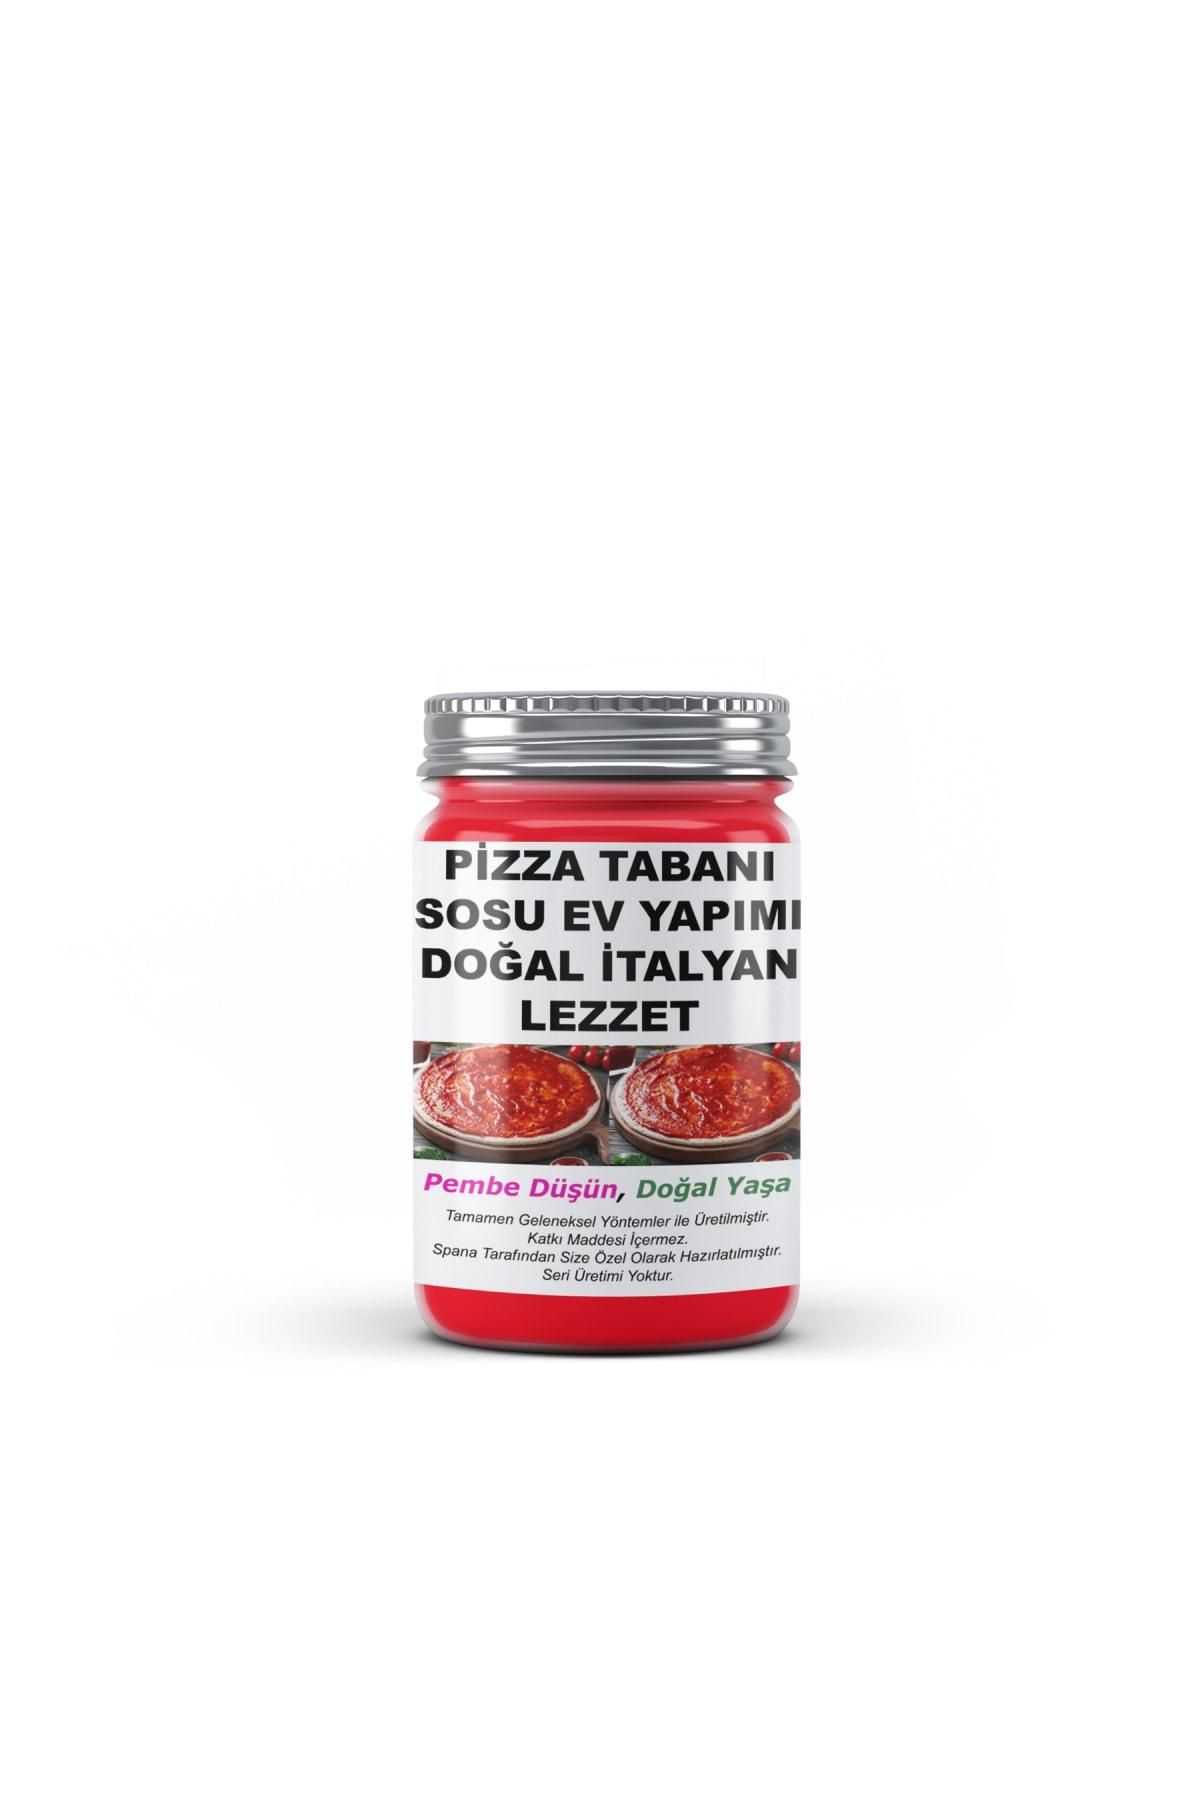 SPANA Pizza Tabanı Sosu Doğal Italyan Lezzet Ev Yapımı Katkısız 330 gr 1